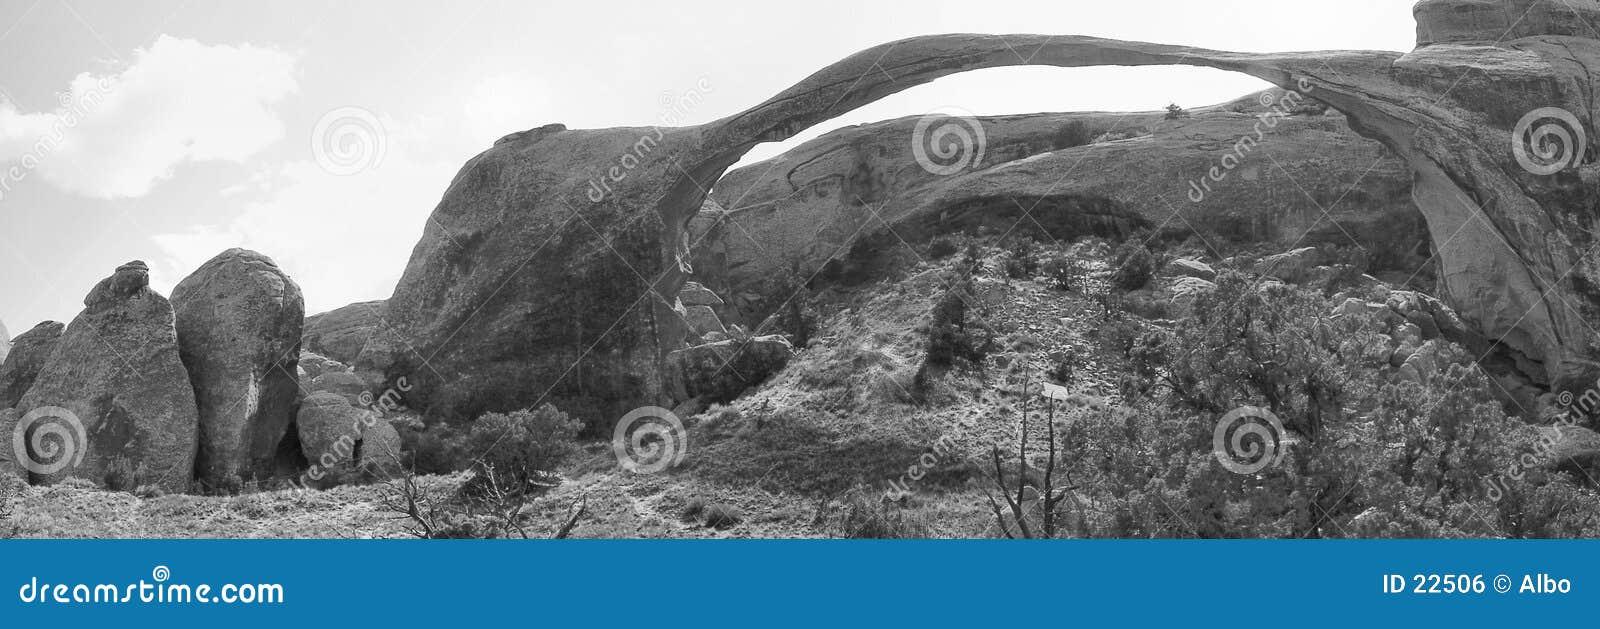 свод сгабривает парк ландшафта естественный